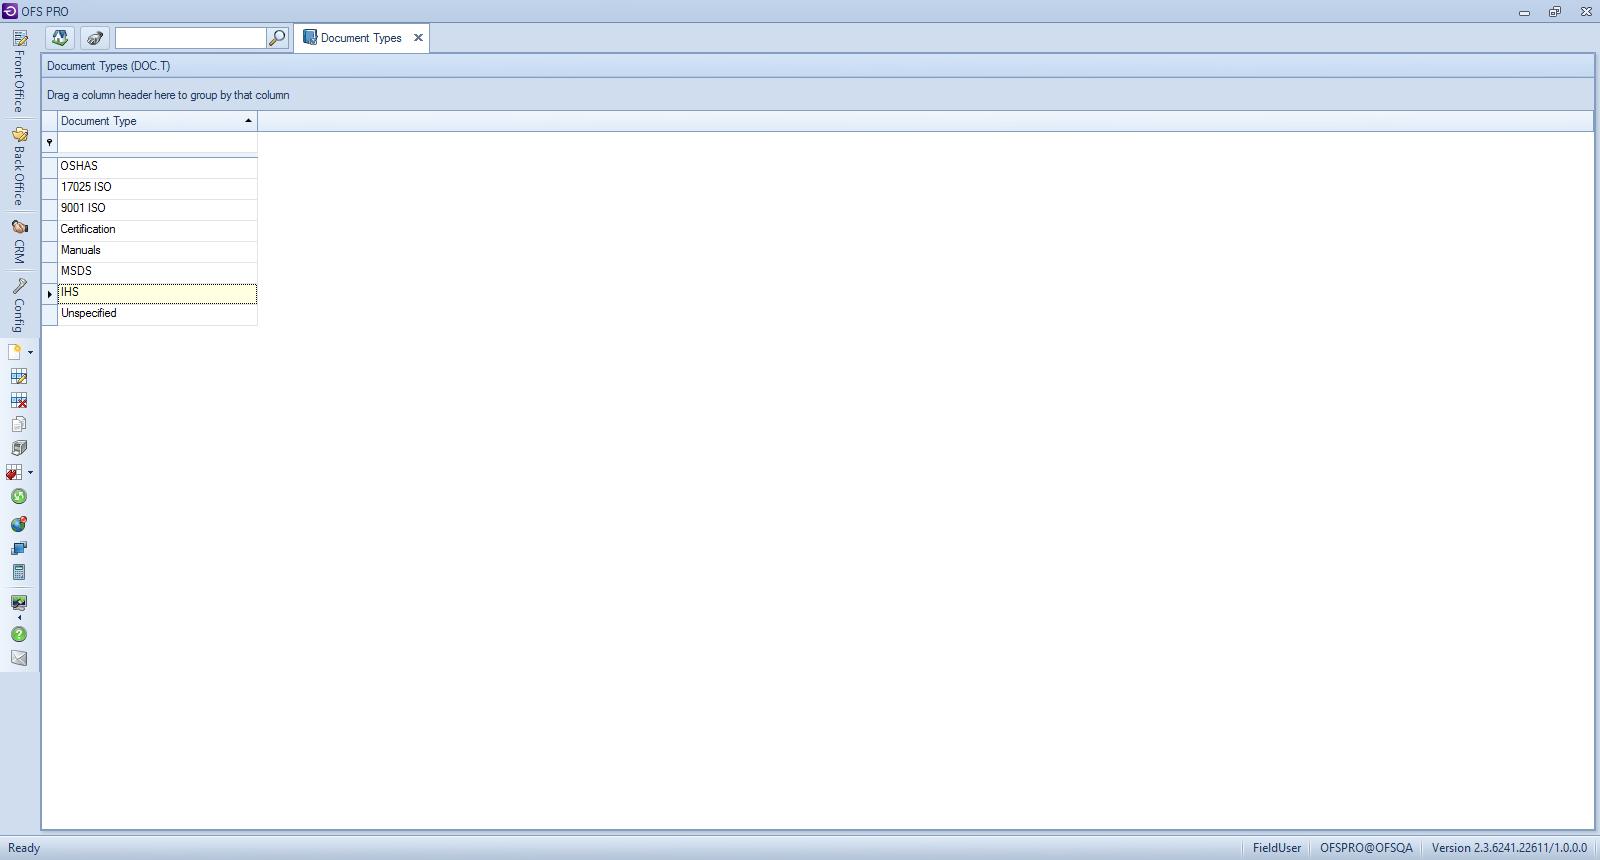 document types